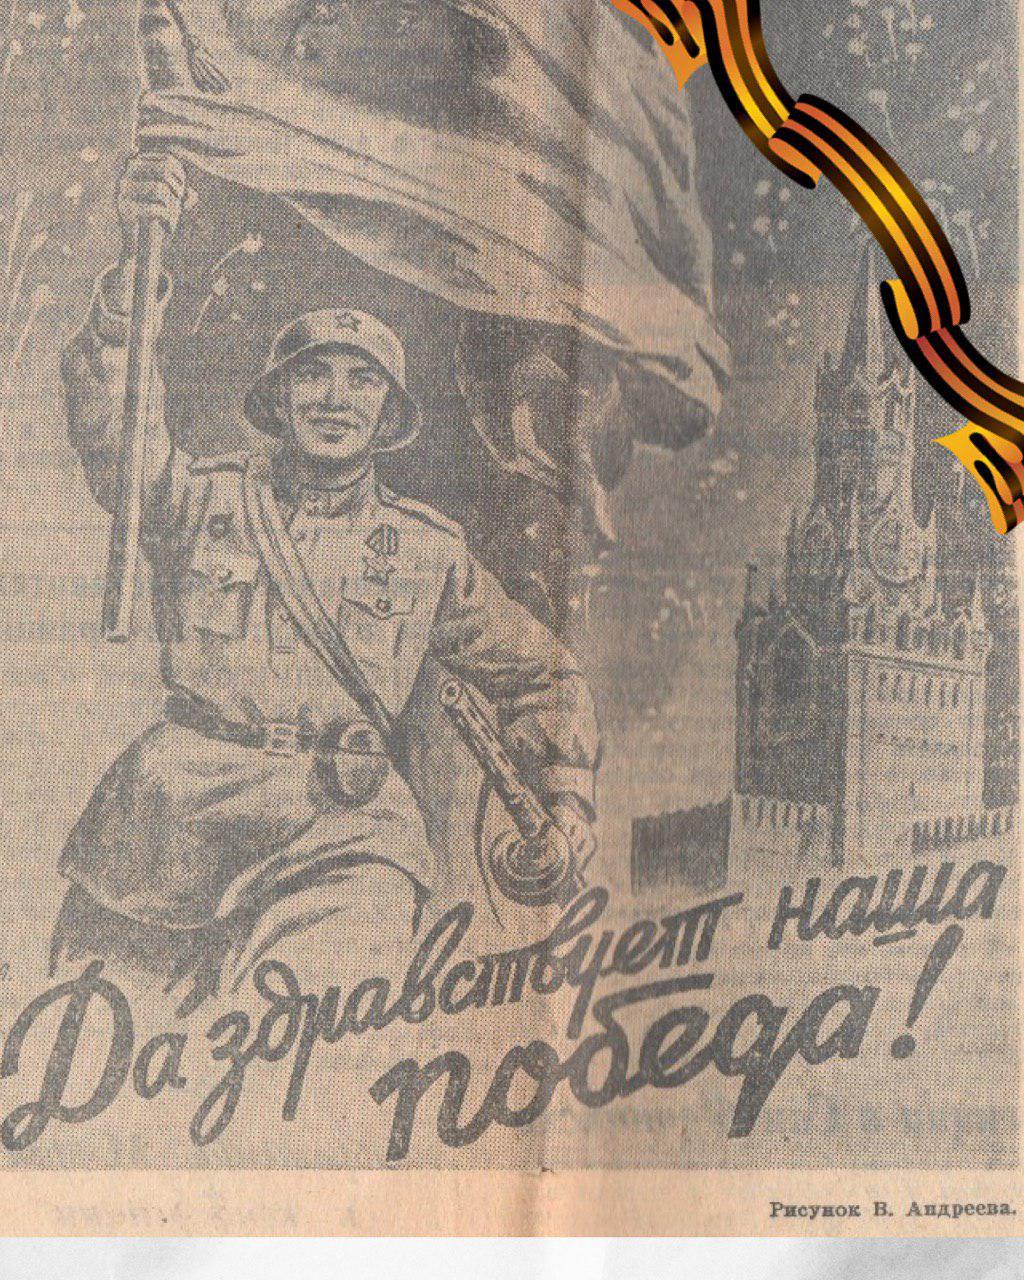 Картинки о победе в газету